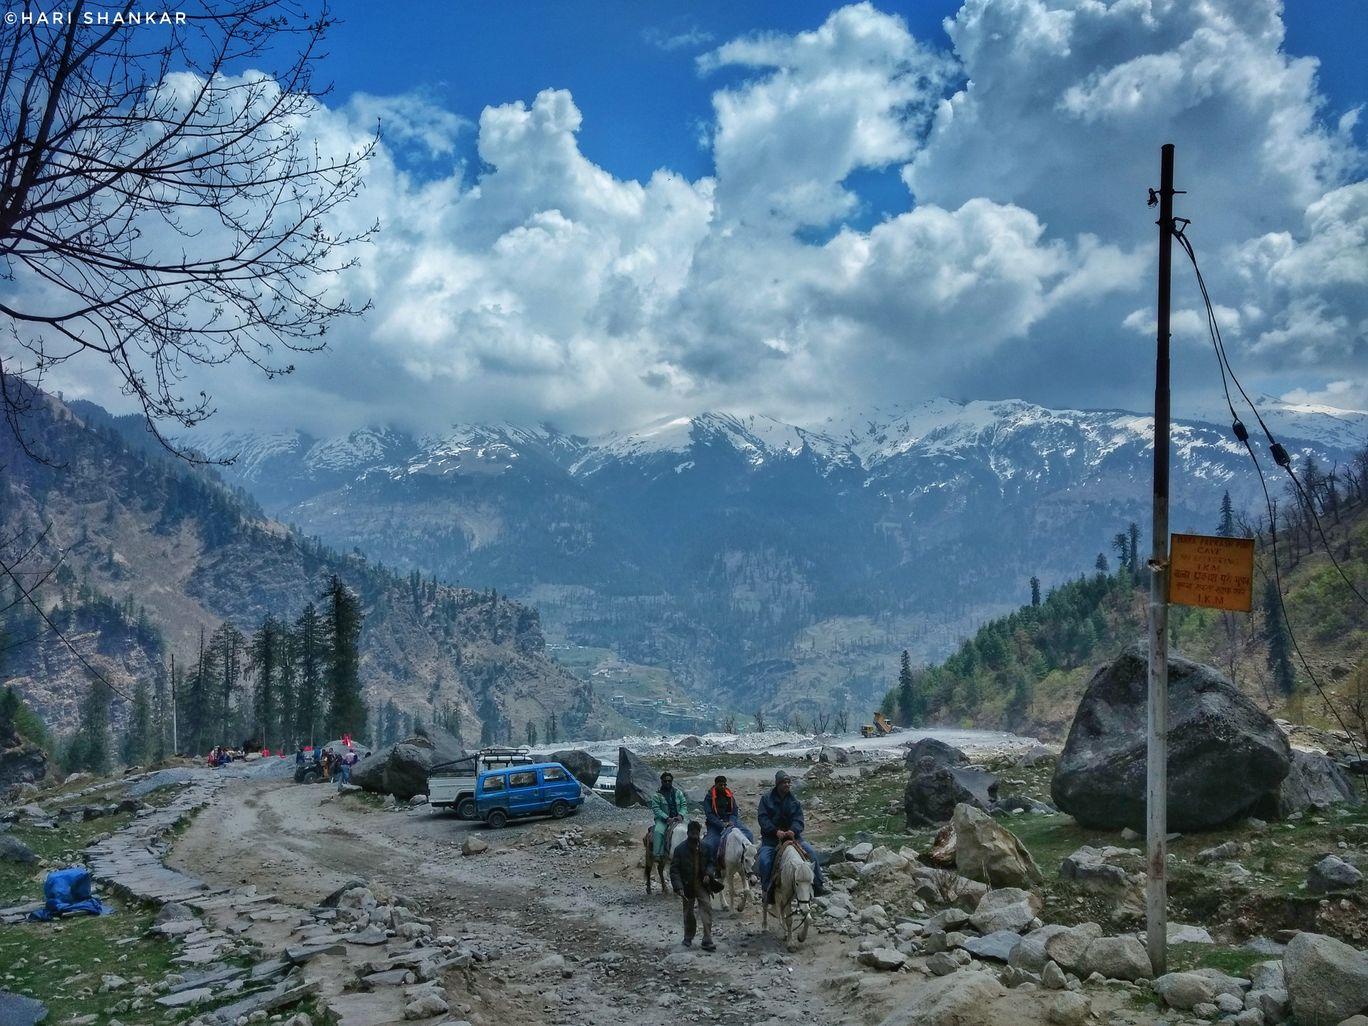 Photo of Solang Valley By Harishankar S